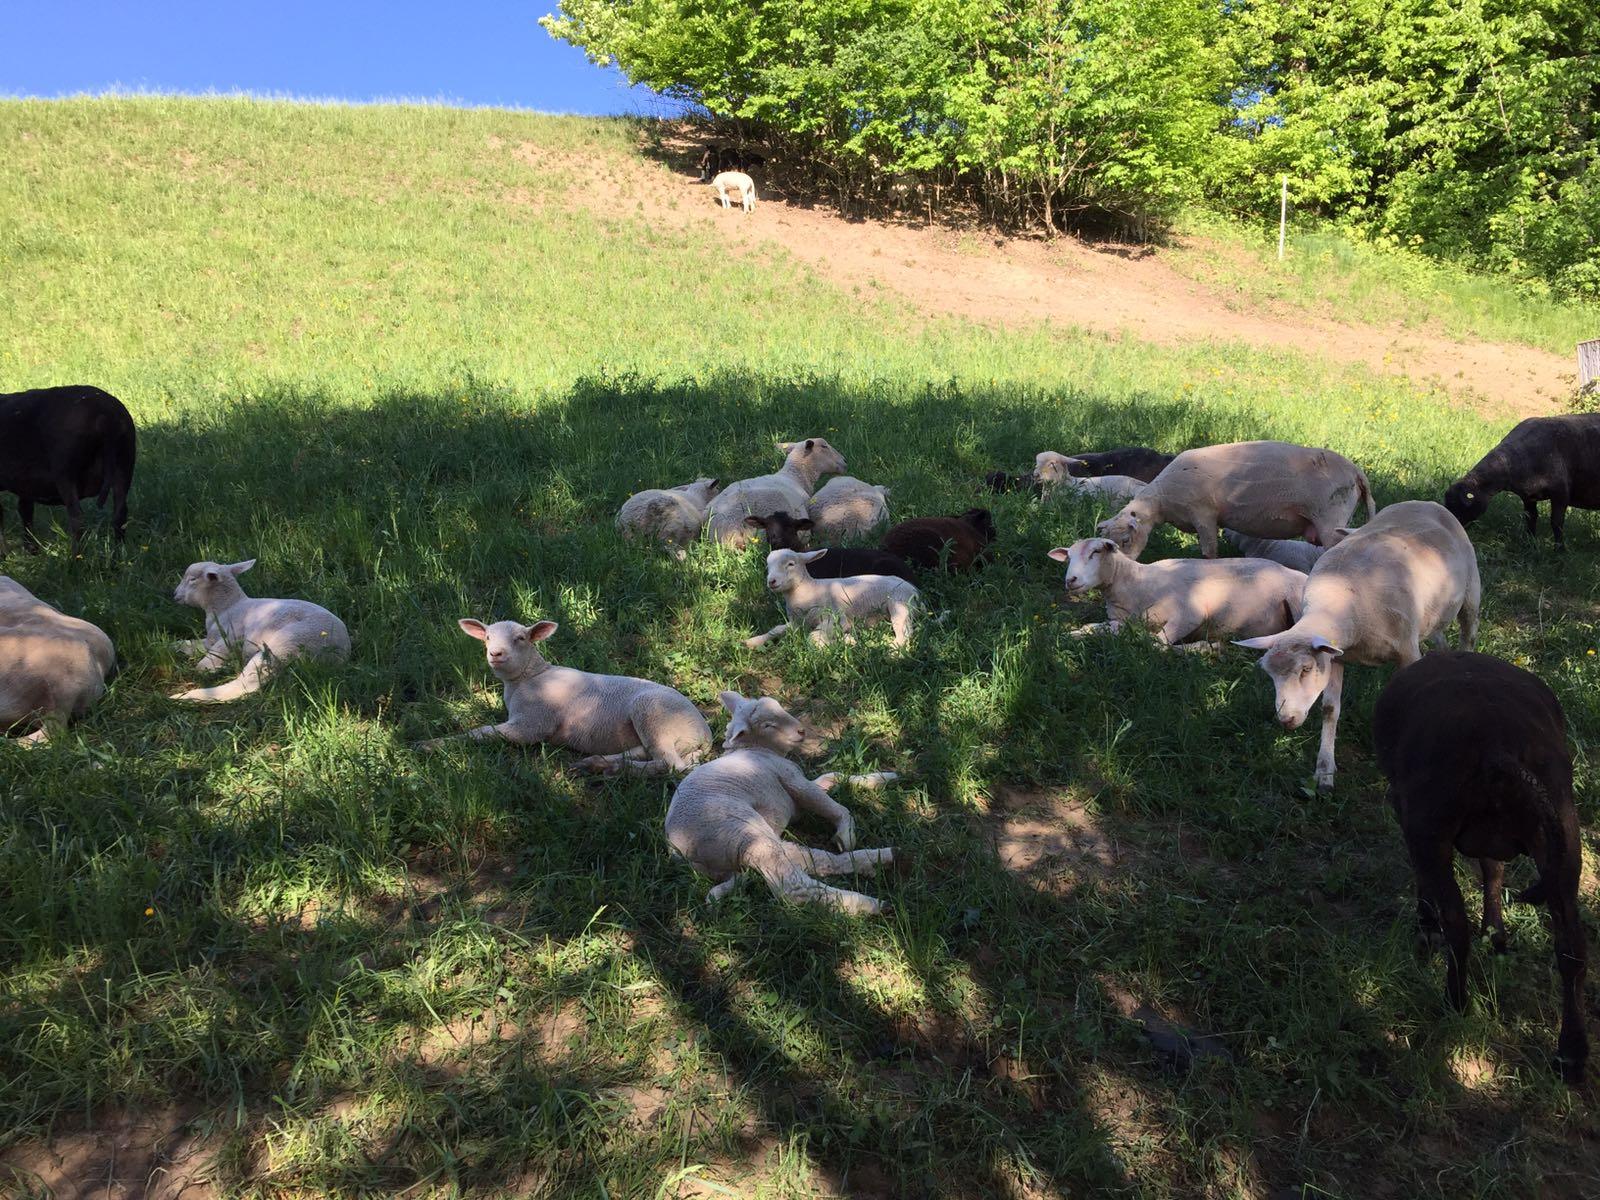 Schafe siesta im.schatten